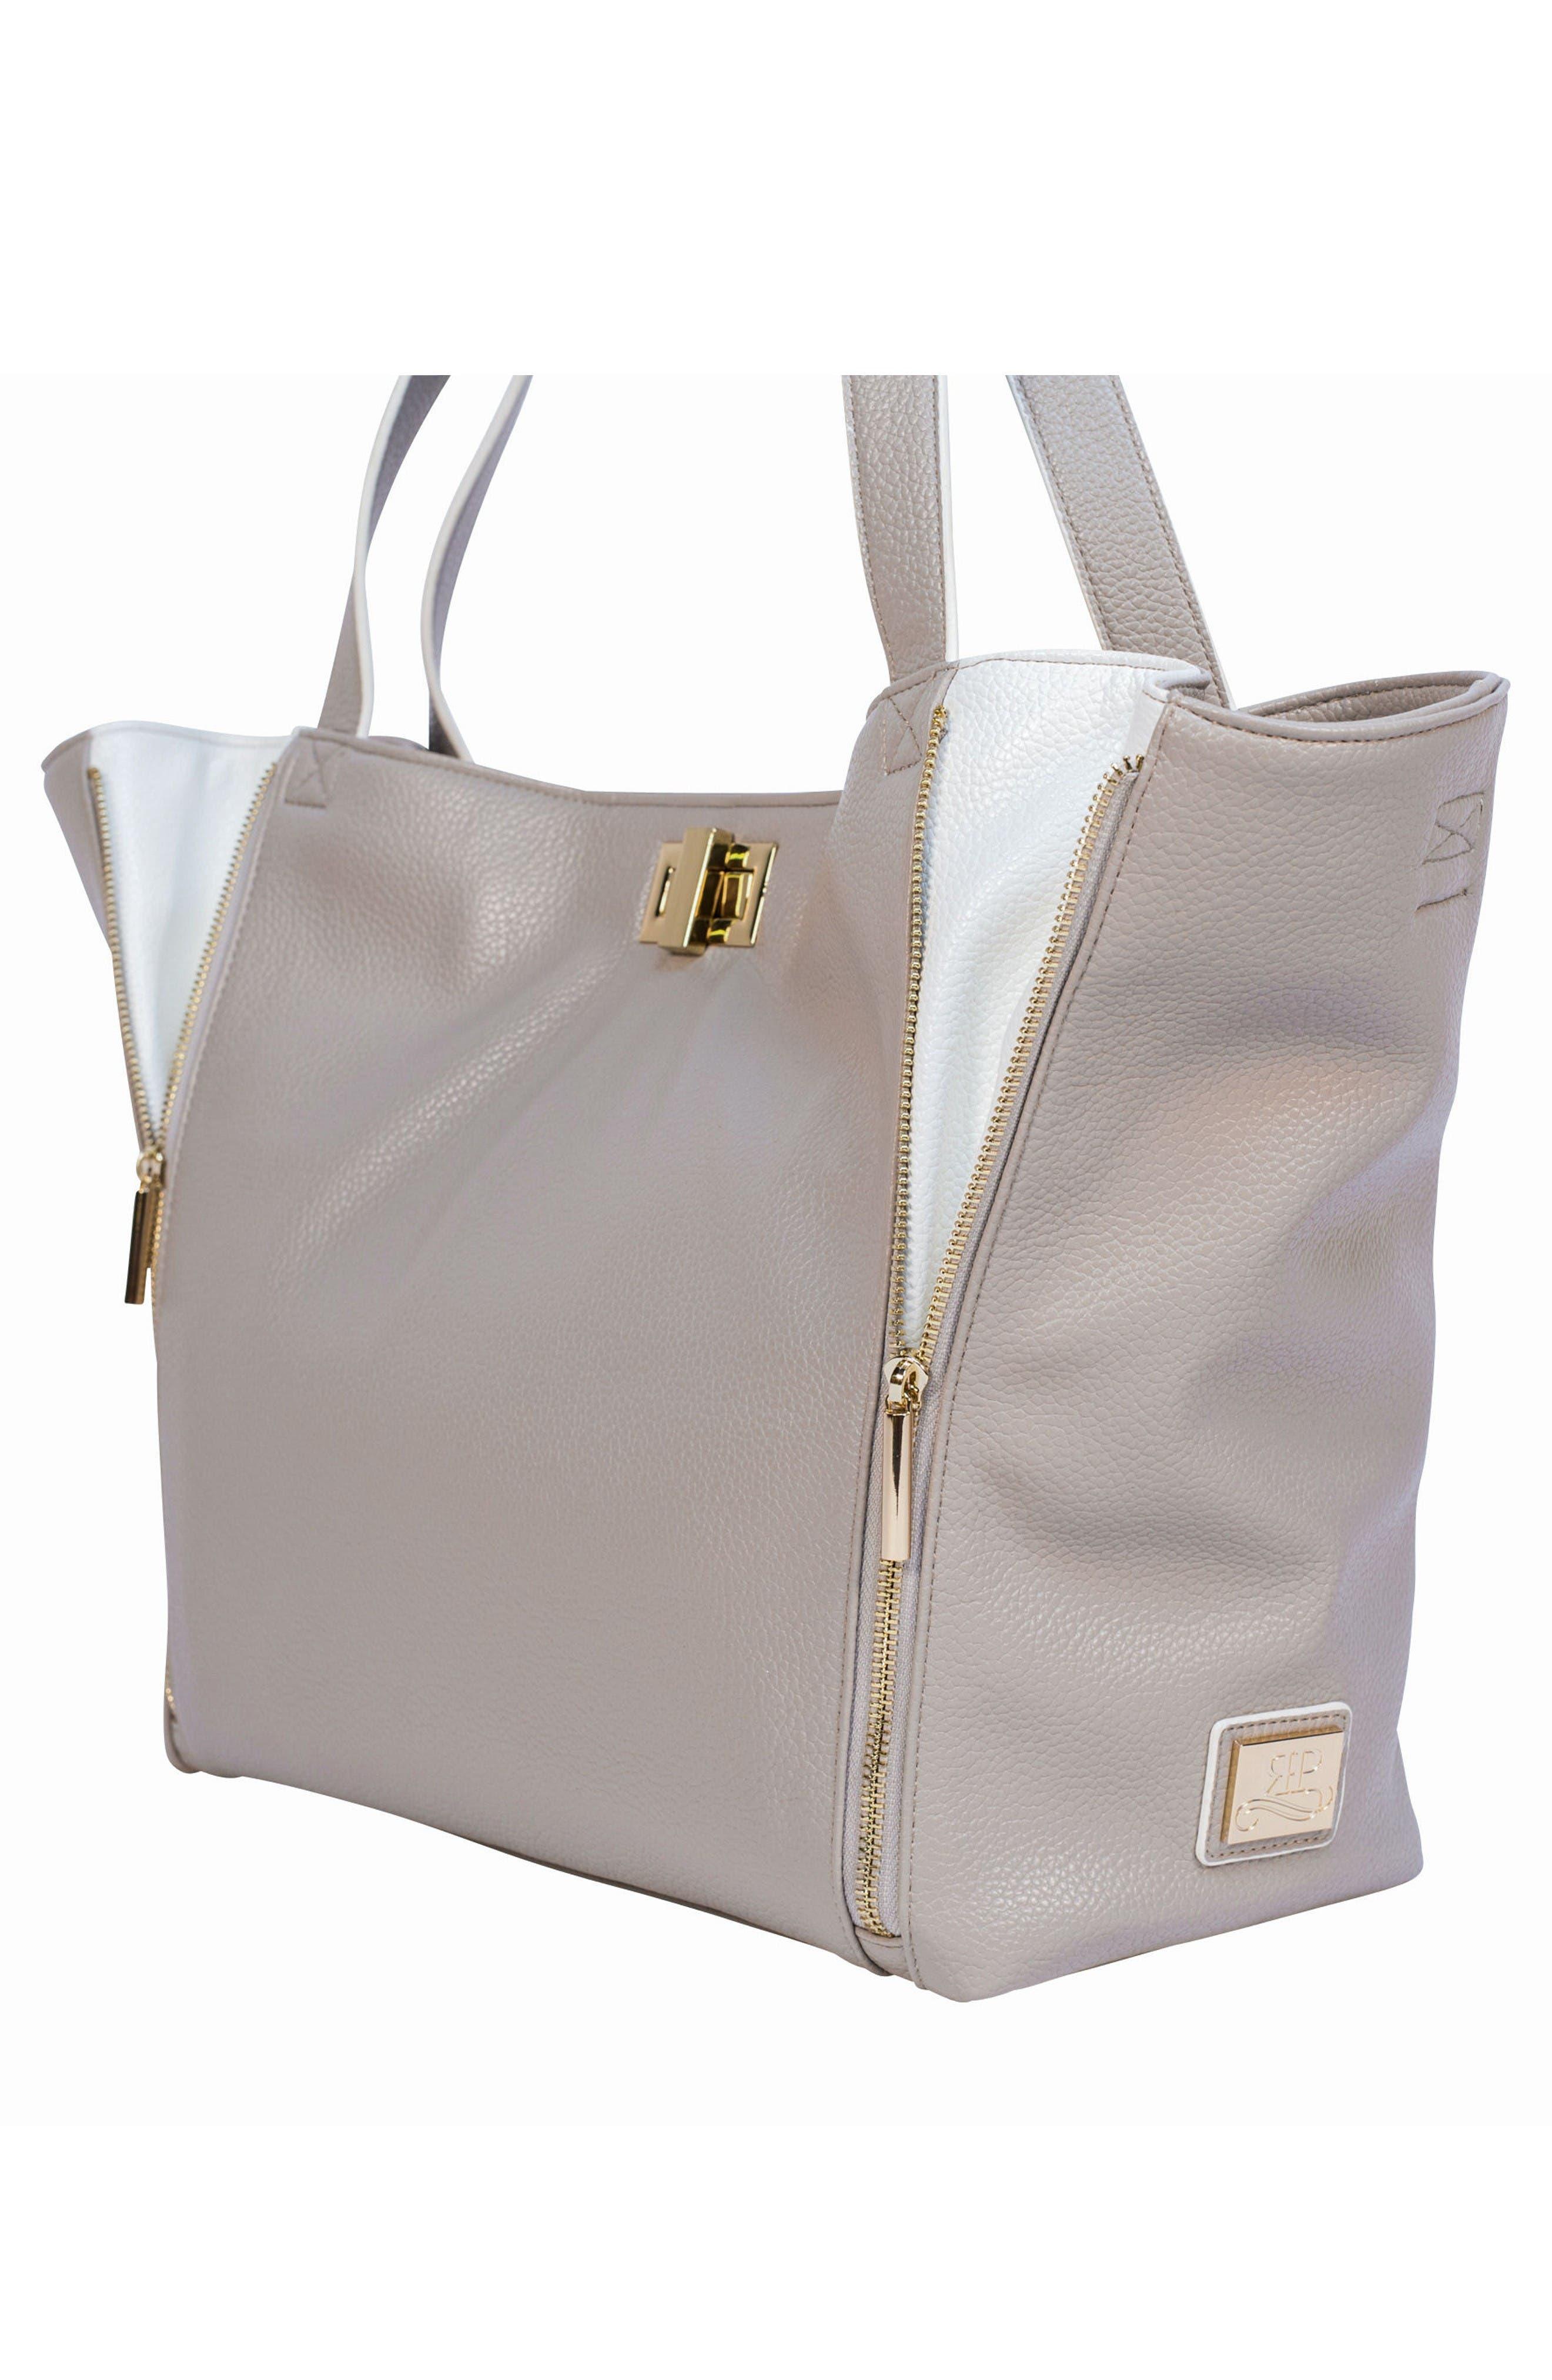 Sloane Diaper Bag,                             Alternate thumbnail 6, color,                             Neutral/ White